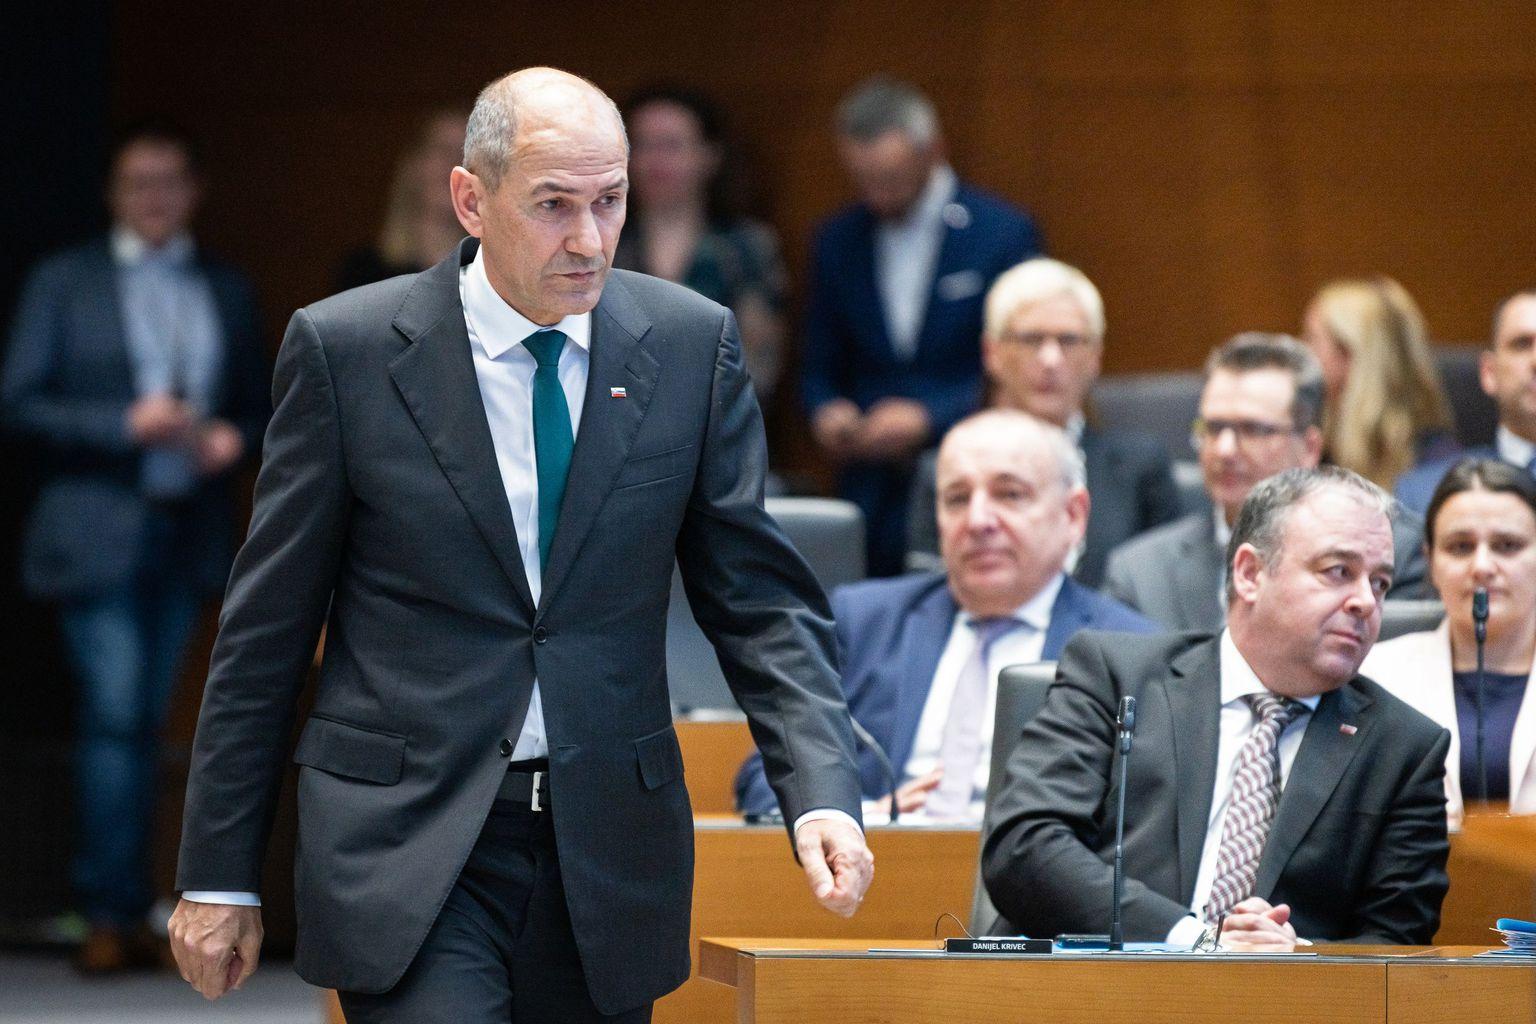 Janez Janša érkezik a szlvoén Nemzetgyűlésbe, beszédének megtartására Ljubljanában 2020. március 3-án #moszkvater